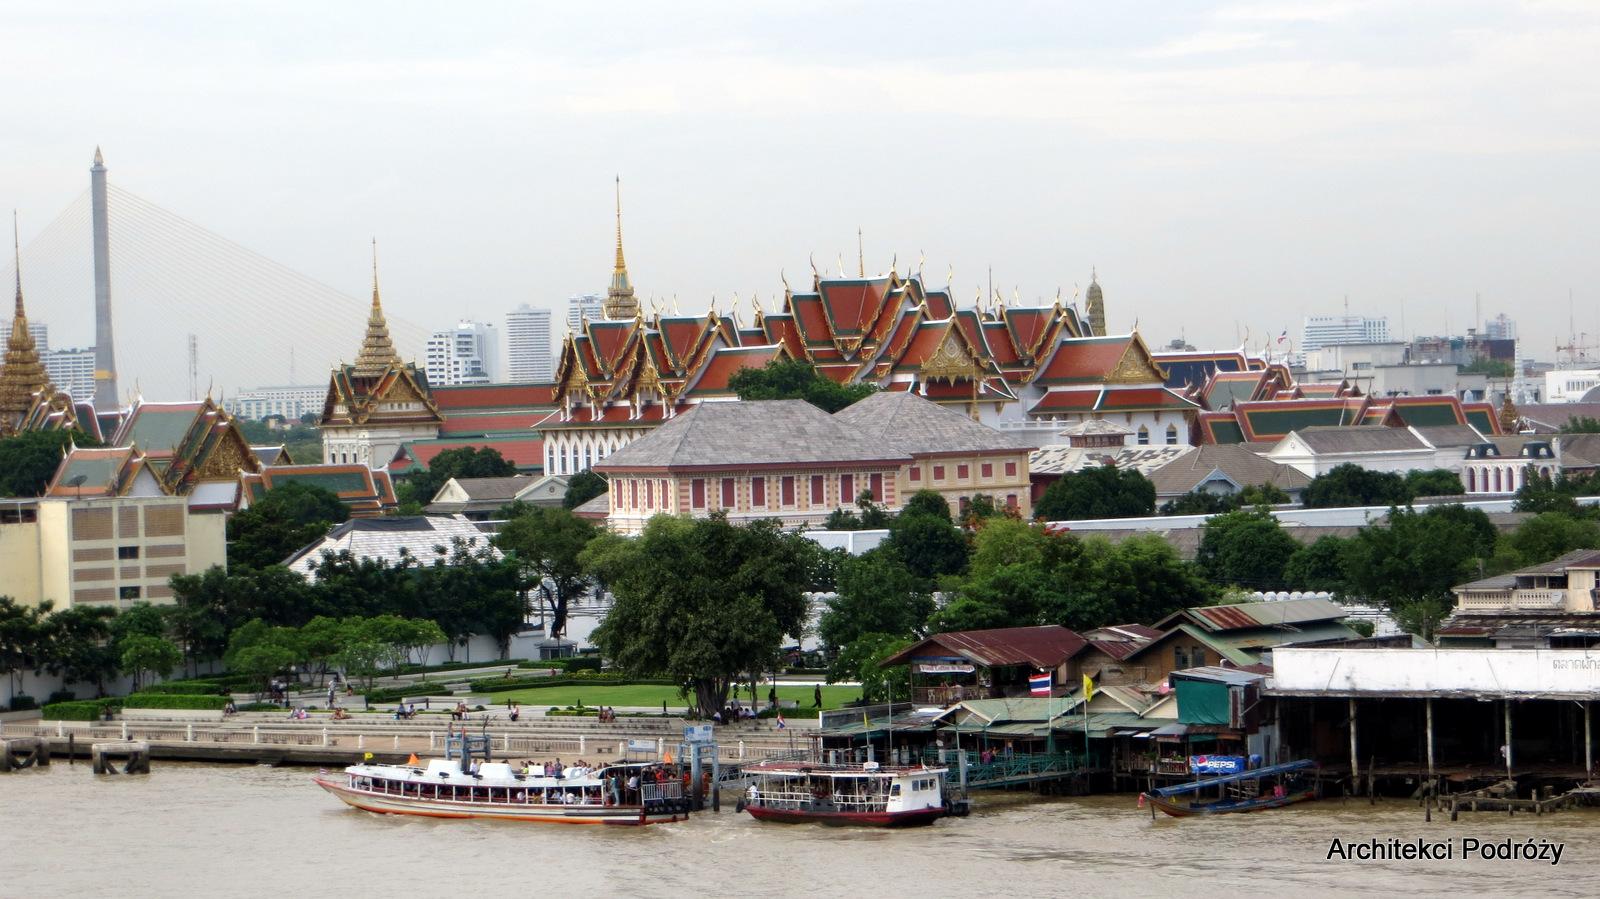 Tajlandia - Bangkok - Widok na Grand Palace